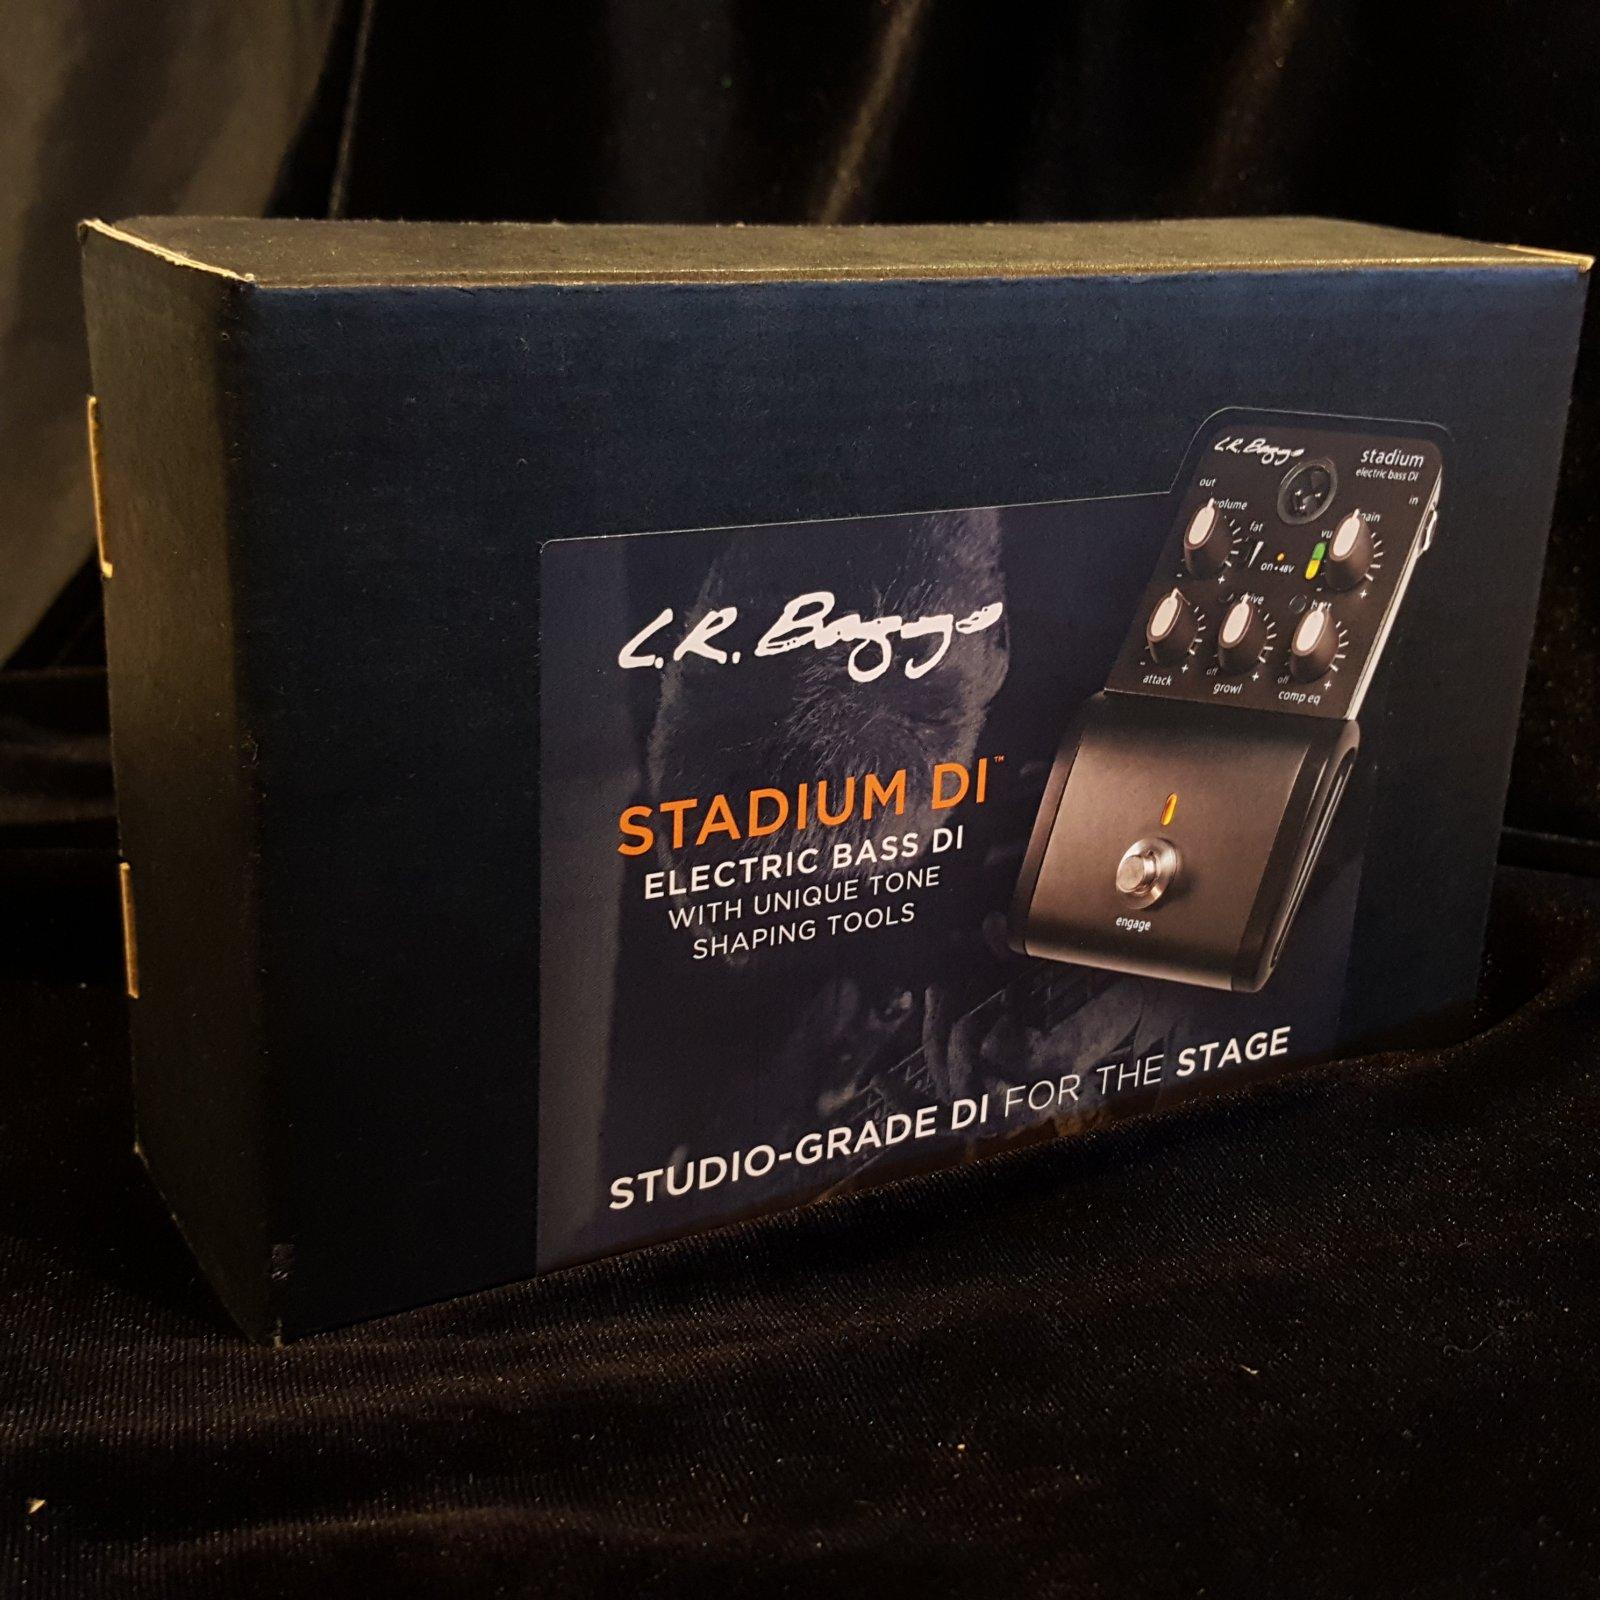 L.R. Baggs Stadium DI Electric Bass DI